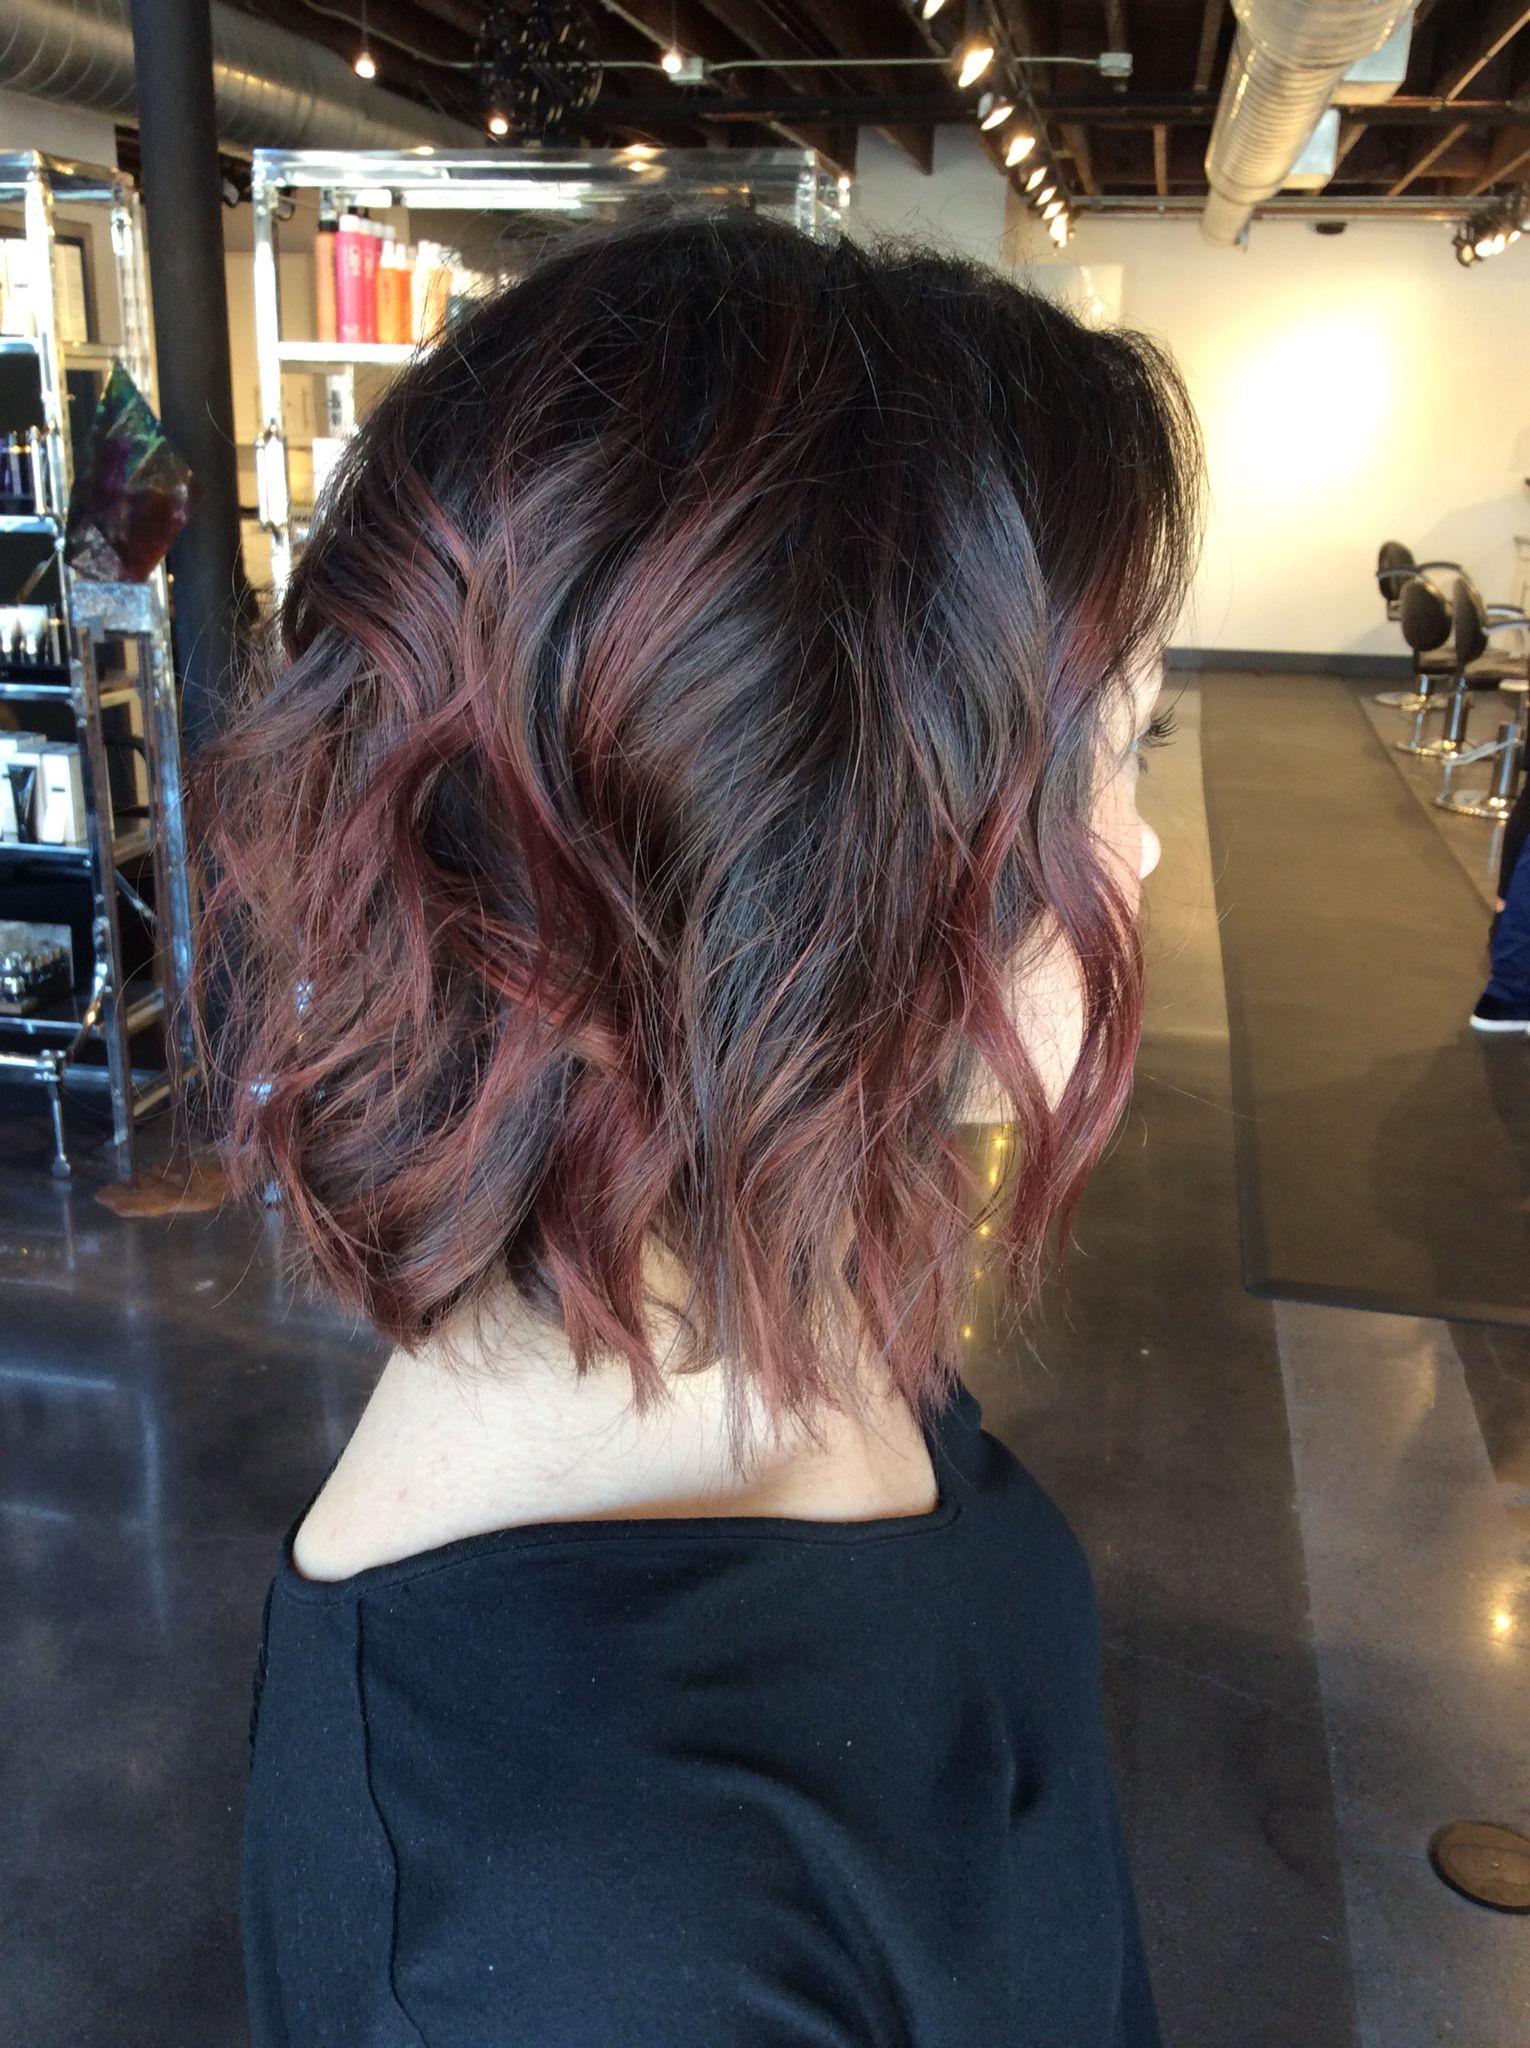 Bayalage On Short Hair Red Bayalage Bayalage On Short Hair Red Balayage Hair Balayage Brunette